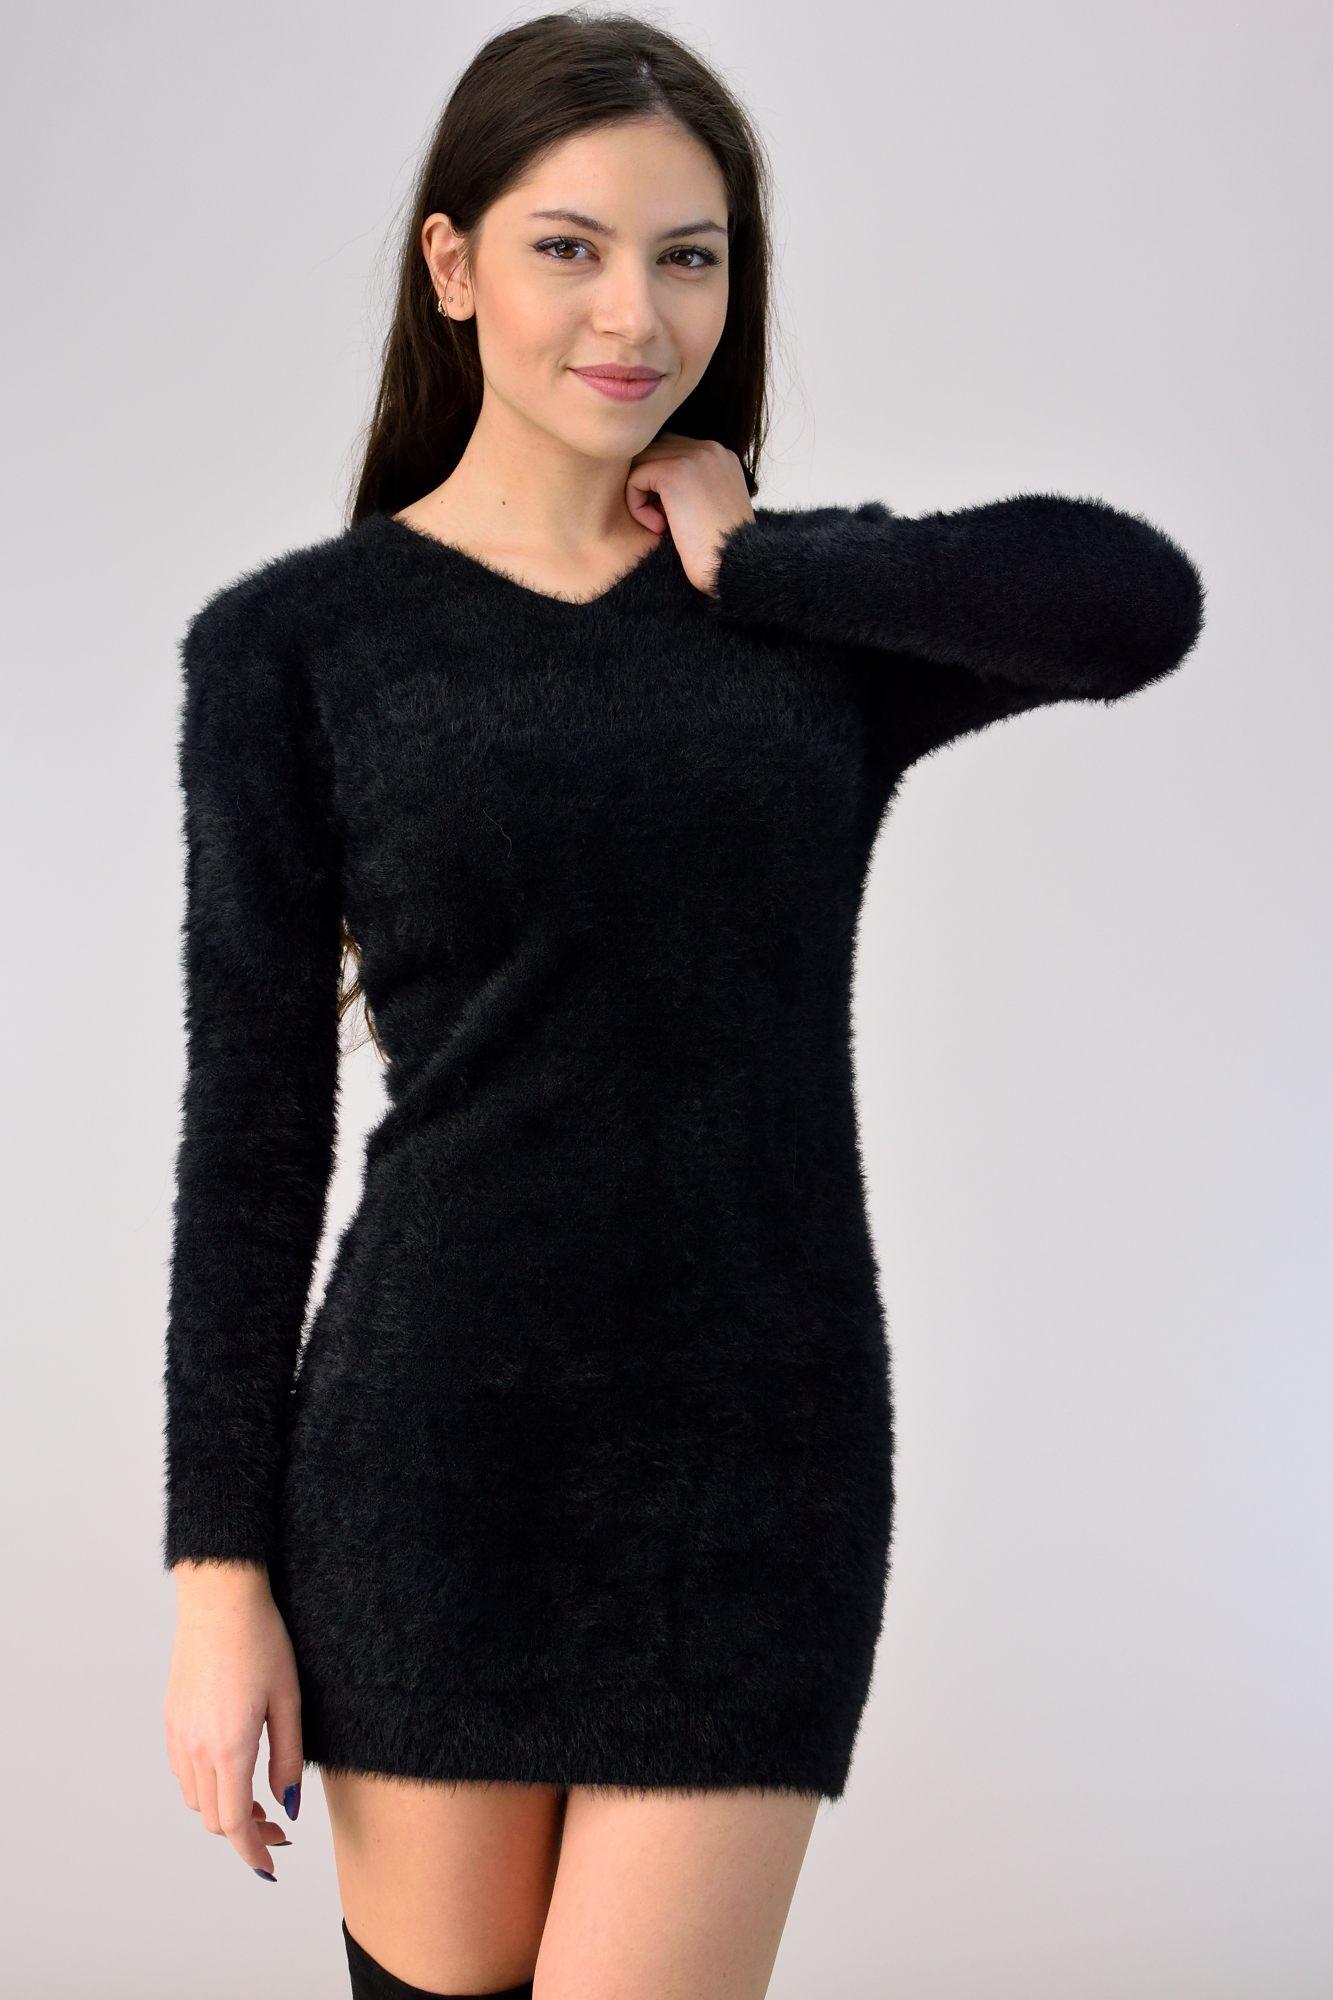 ff26db9a8199 Φόρεμα εφέ συνθετική γούνα - ΦΟΡΕΜΑΤΑ